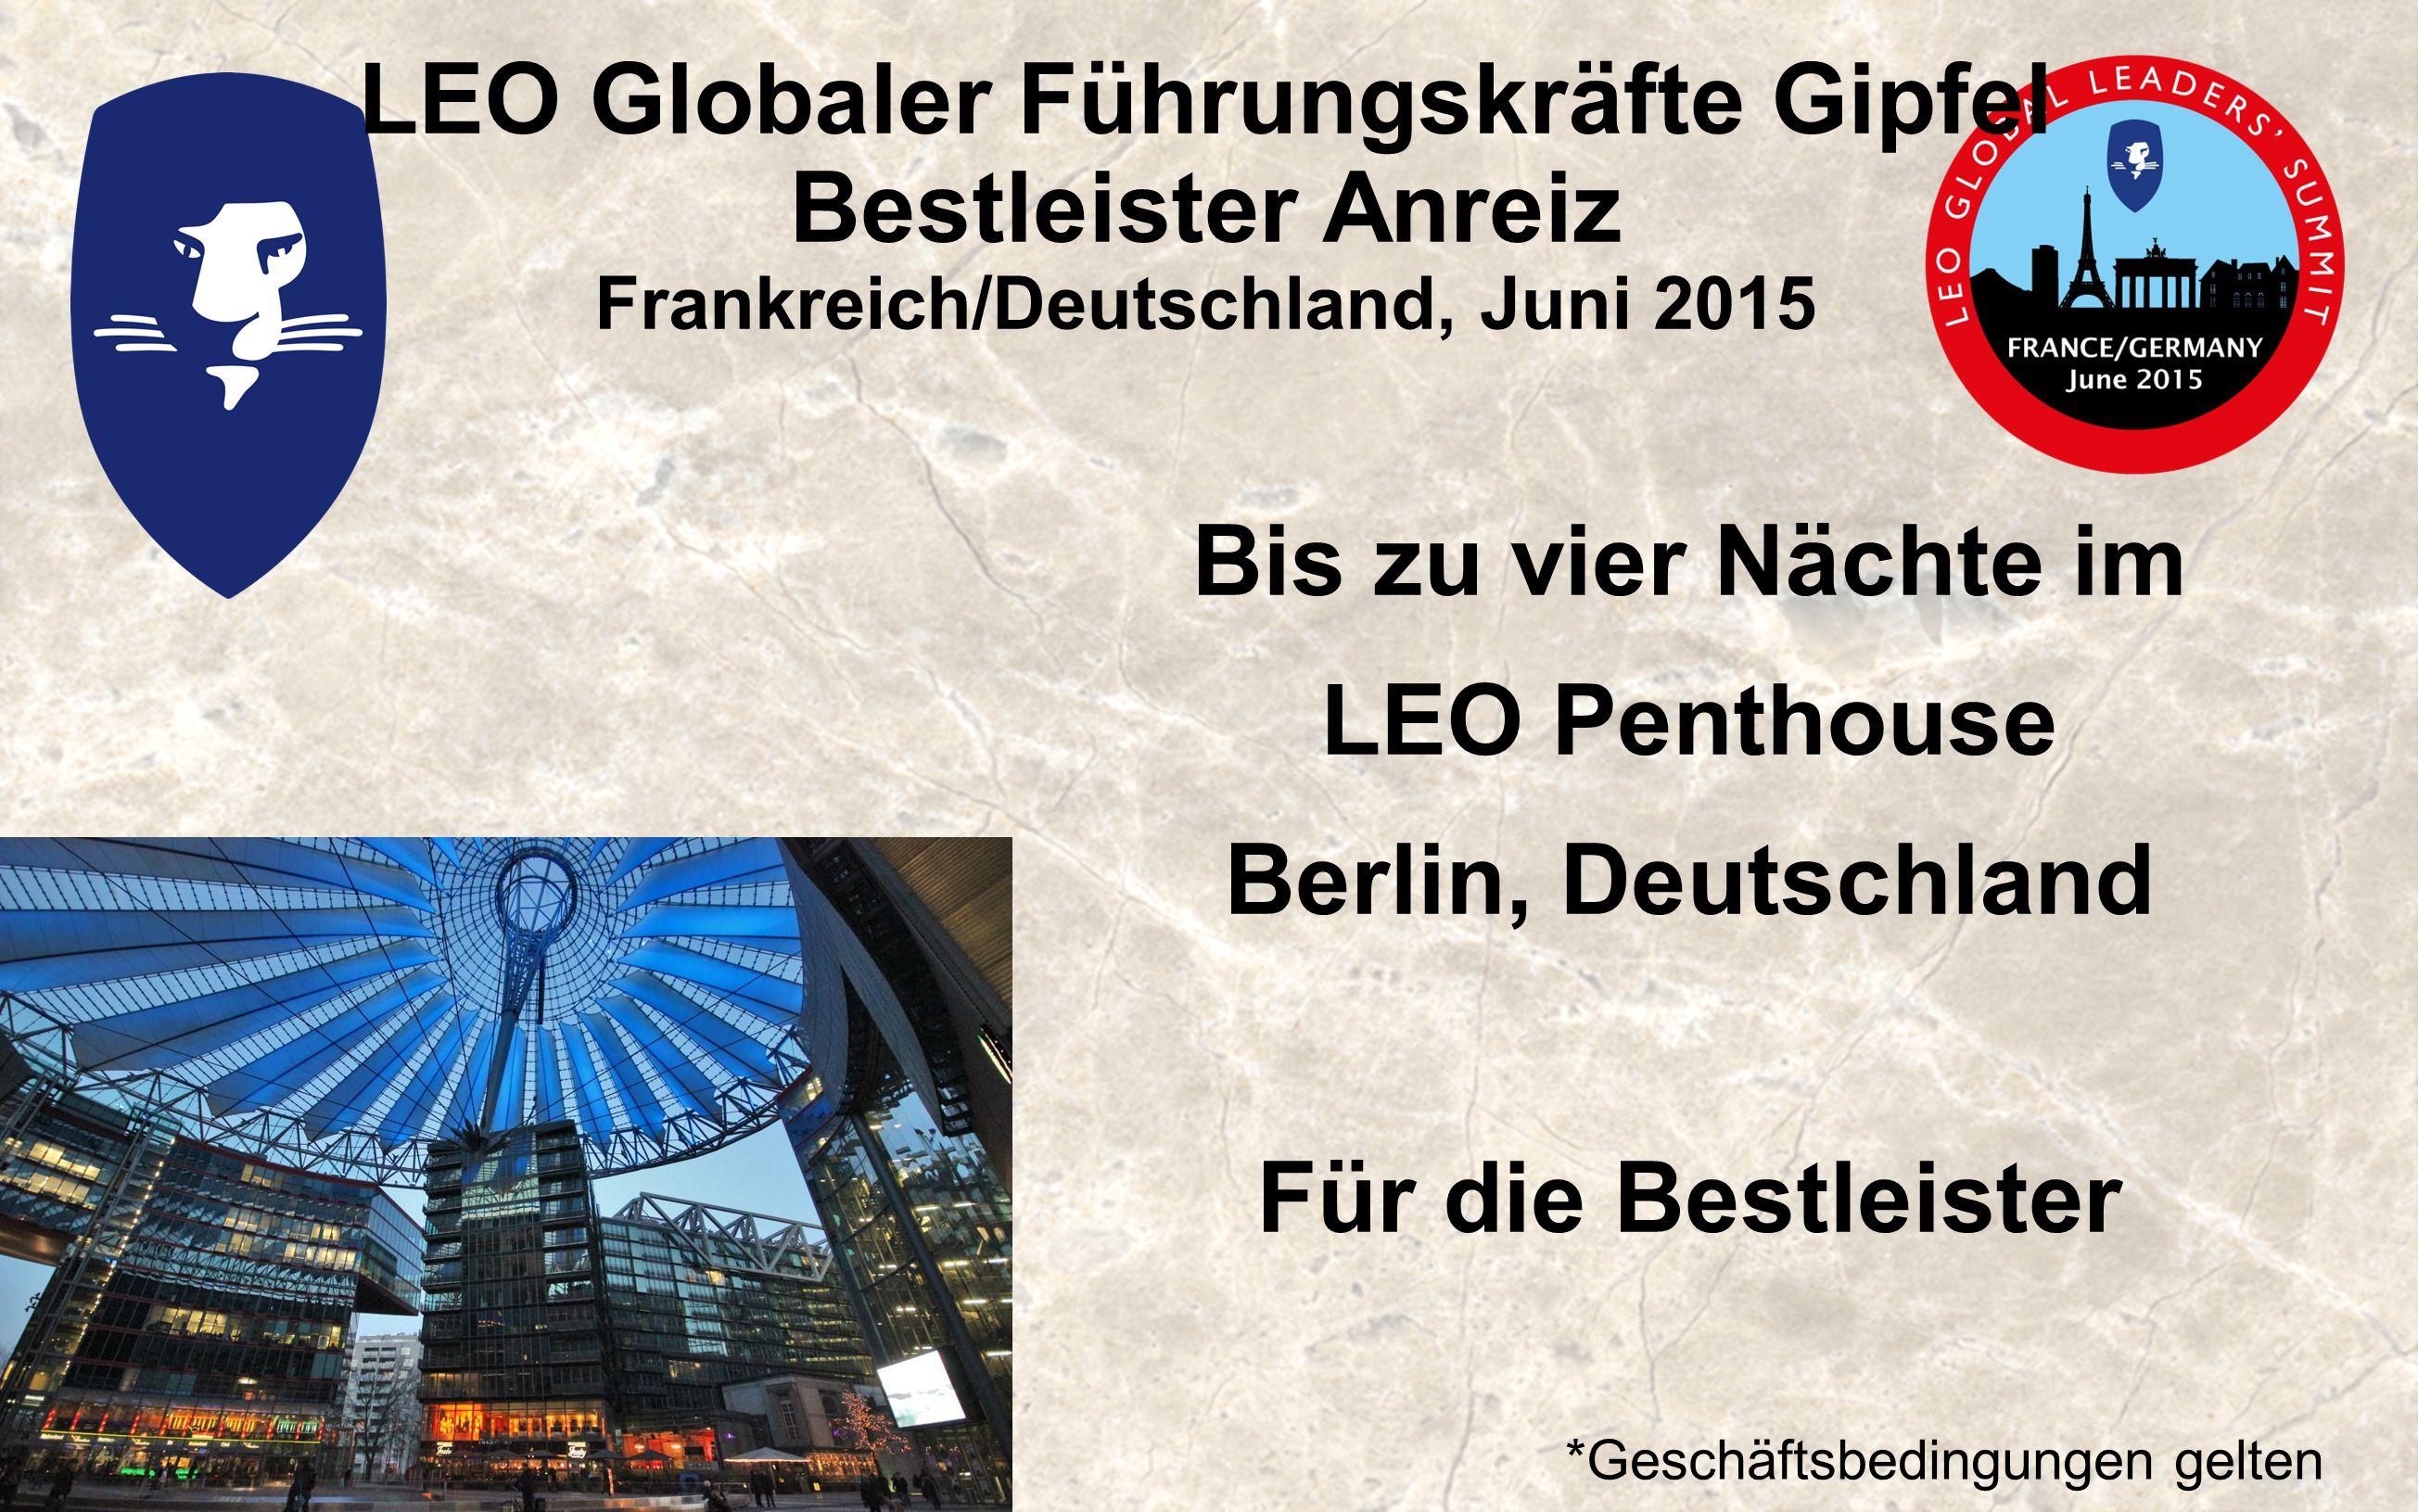 LEO Globaler Führungskräfte Gipfel Bestleister Anreiz Frankreich/Deutschland, Juni 2015 Bis zu vier Nächte im LEO Penthouse Berlin, Deutschland Für die Bestleister *Geschäftsbedingungen gelten